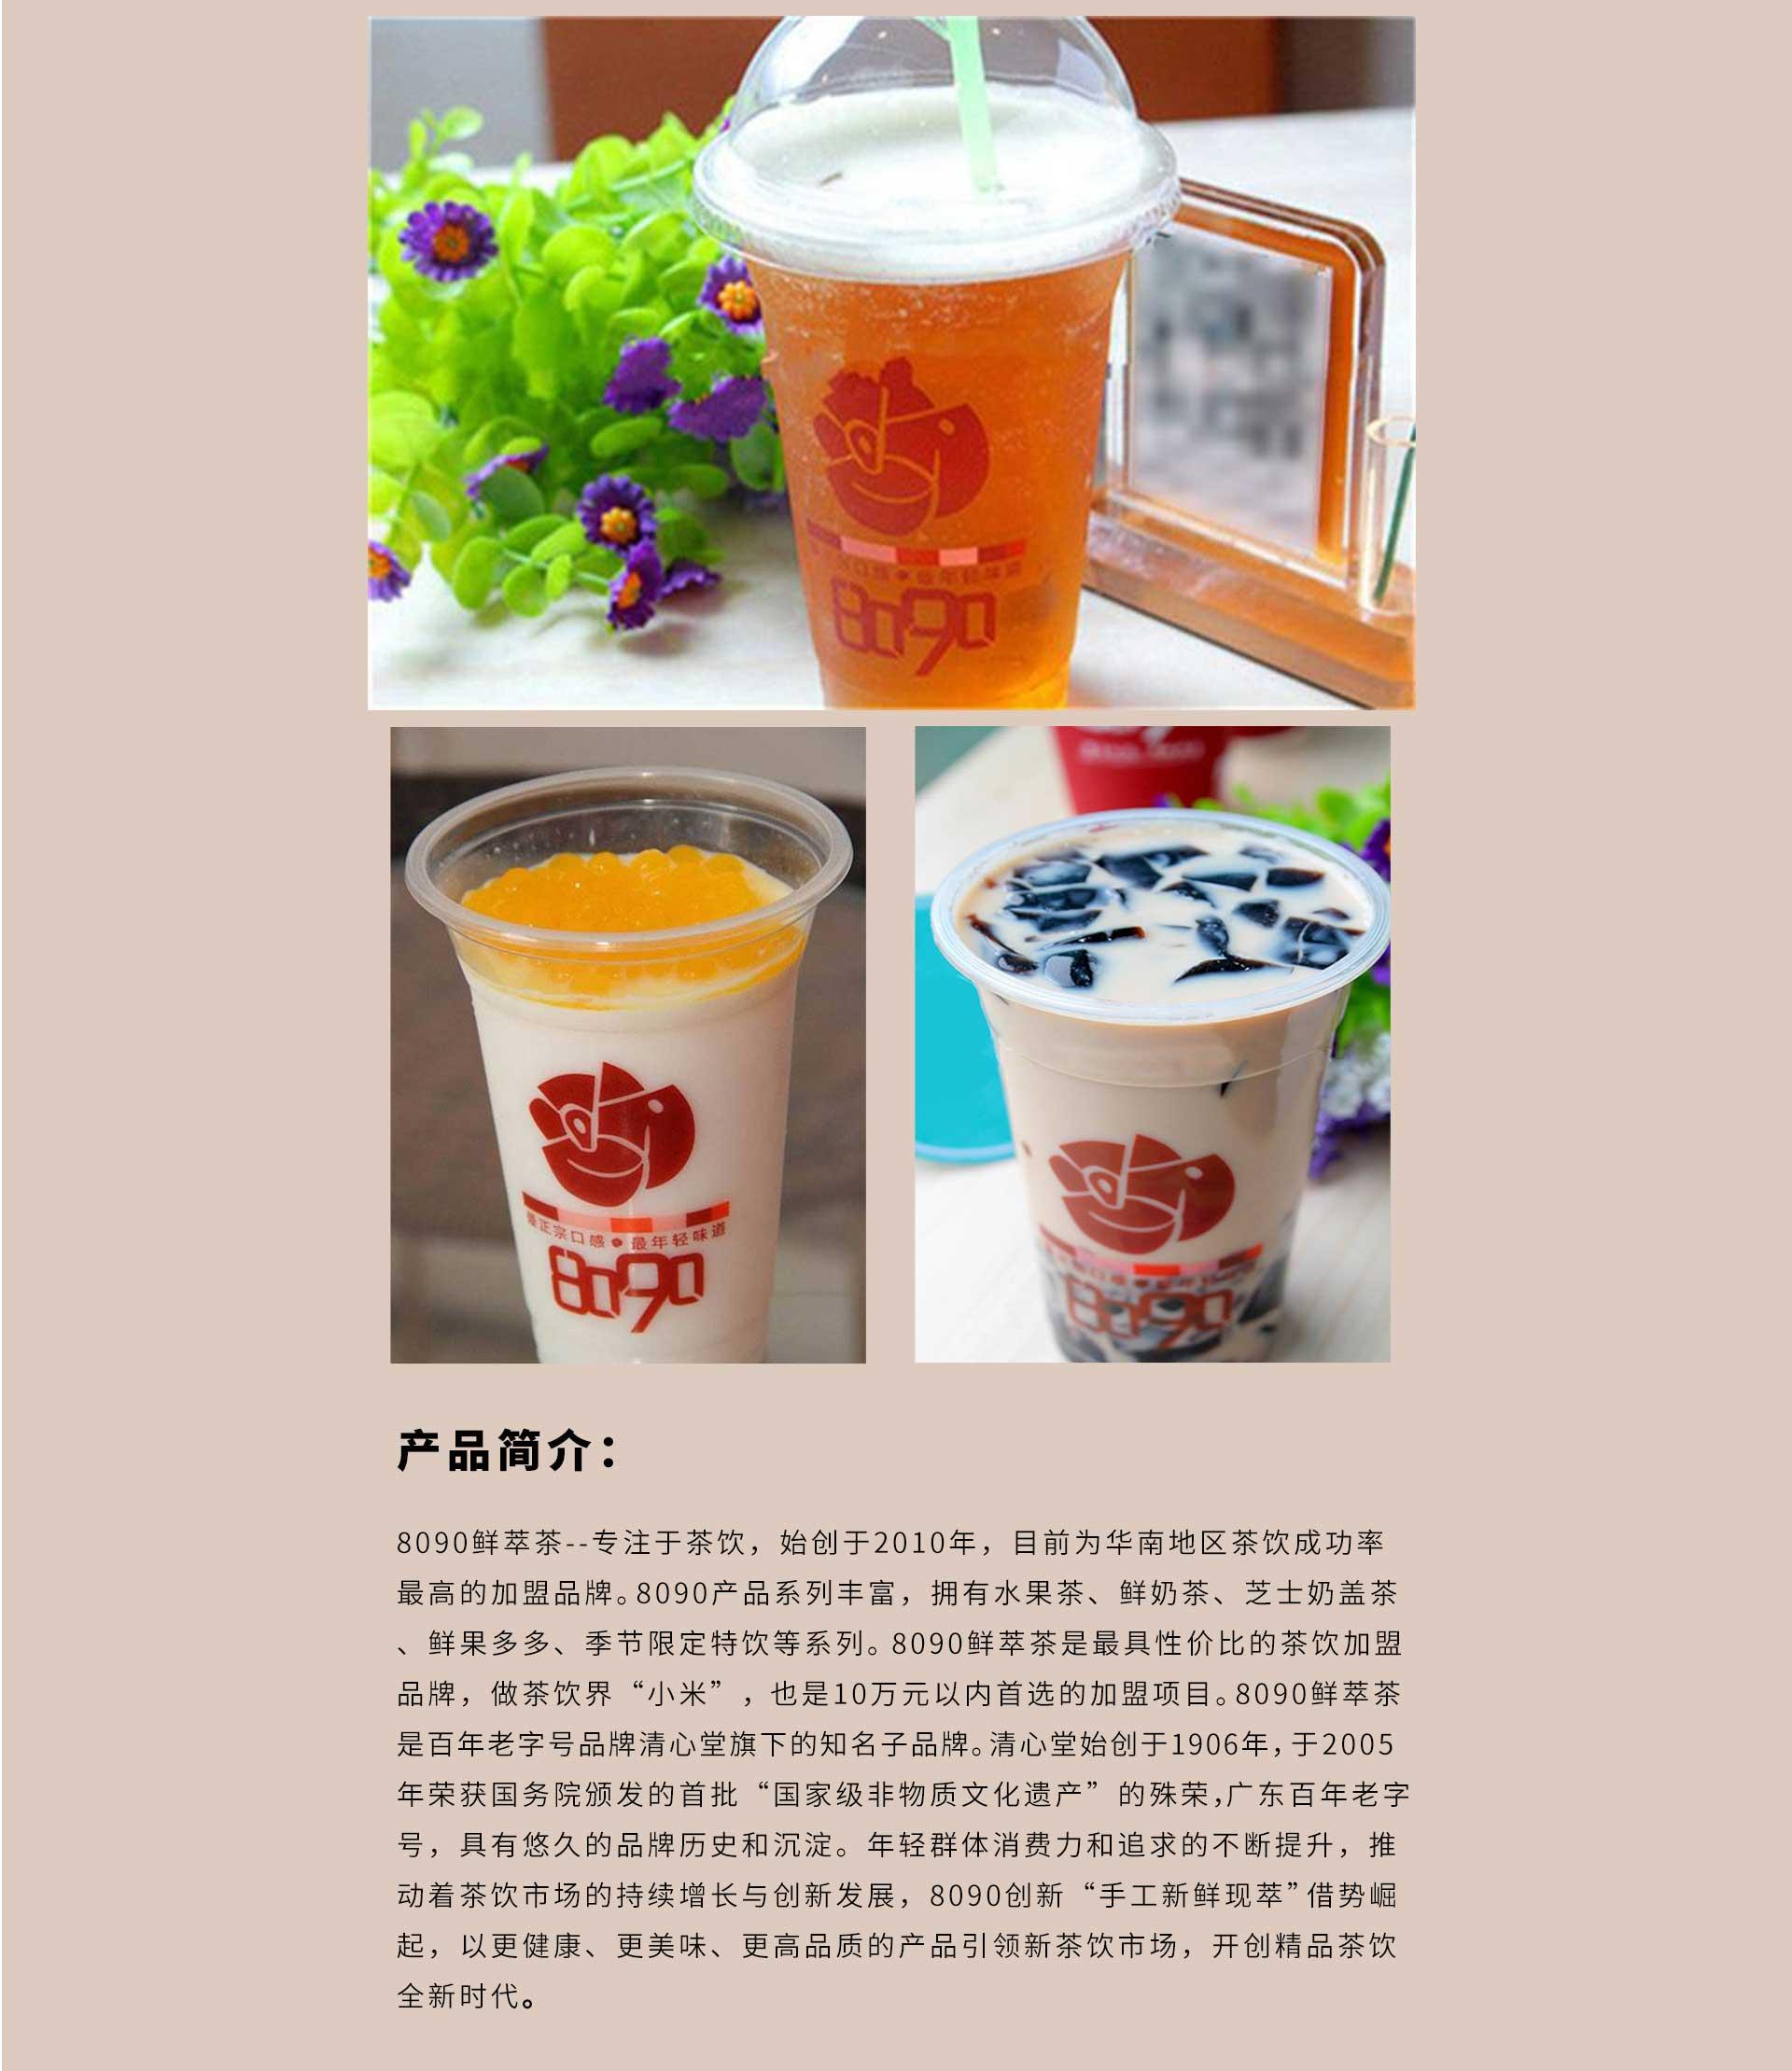 奶茶加盟-8090鲜萃茶★万元开店-找加盟就上小宝招商